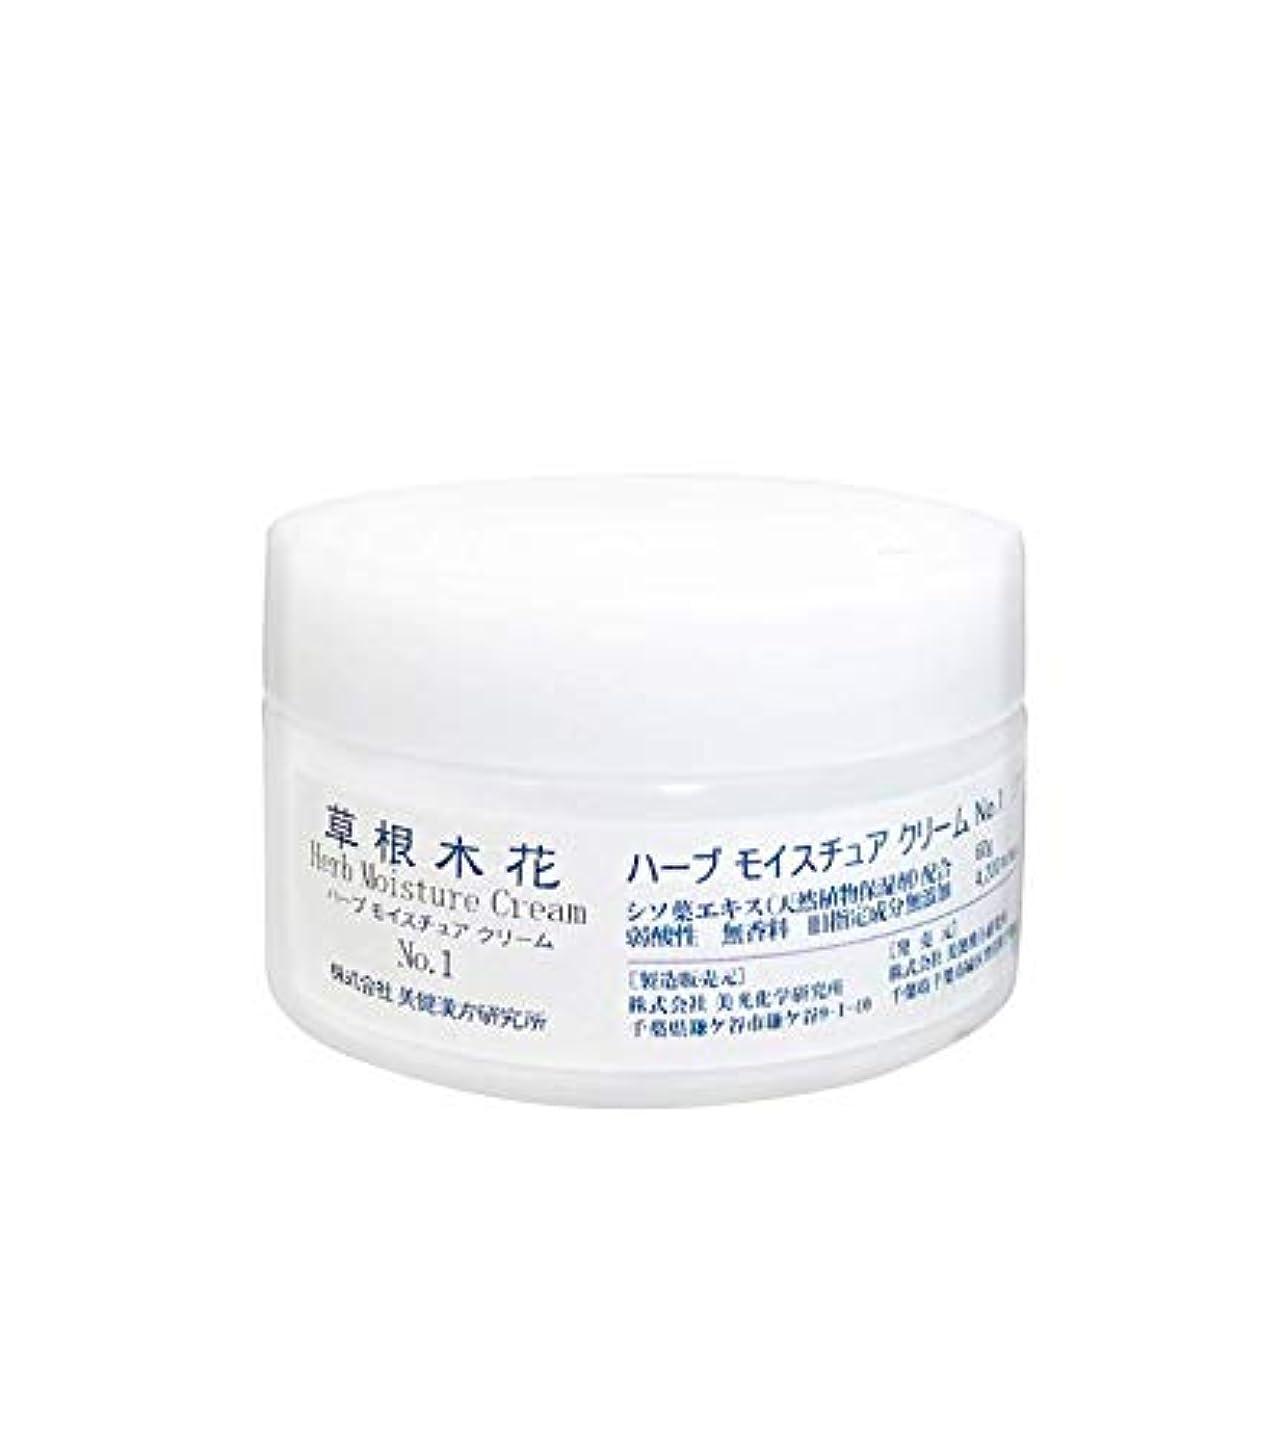 持つ歌詞空気「草根木花 ハーブモイスチュアクリームNo.1 (紫蘇クリーム)」  乾燥肌?敏感肌にシソエキス  シェアドコスメ(男女兼用化粧品)